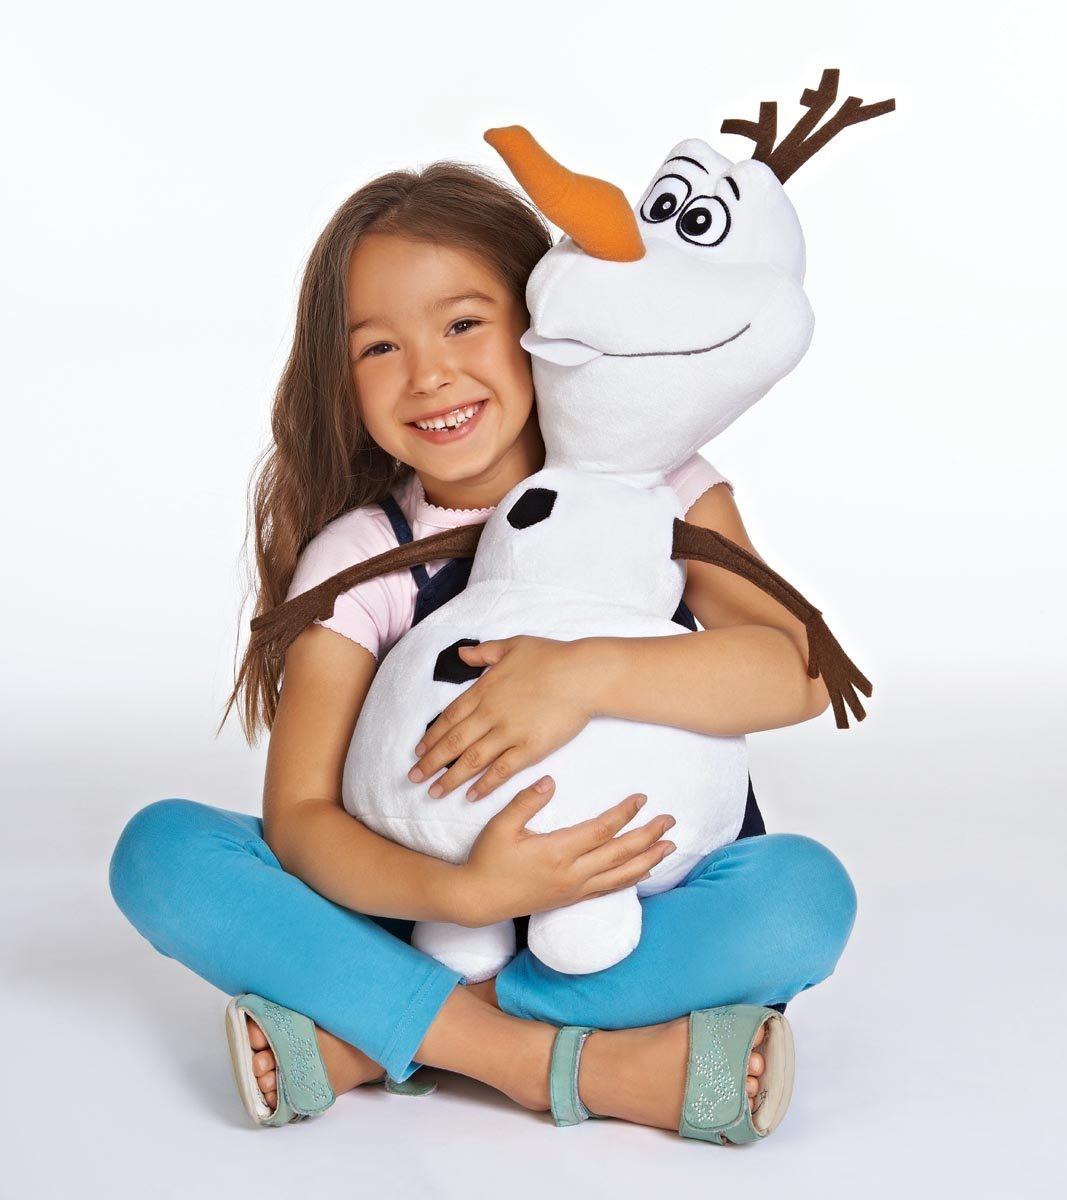 Amazon.com: PELUCHE GEANTE OLAF FROZEN LA REINE DES NEIGES 50 CM DISNEY: Baby